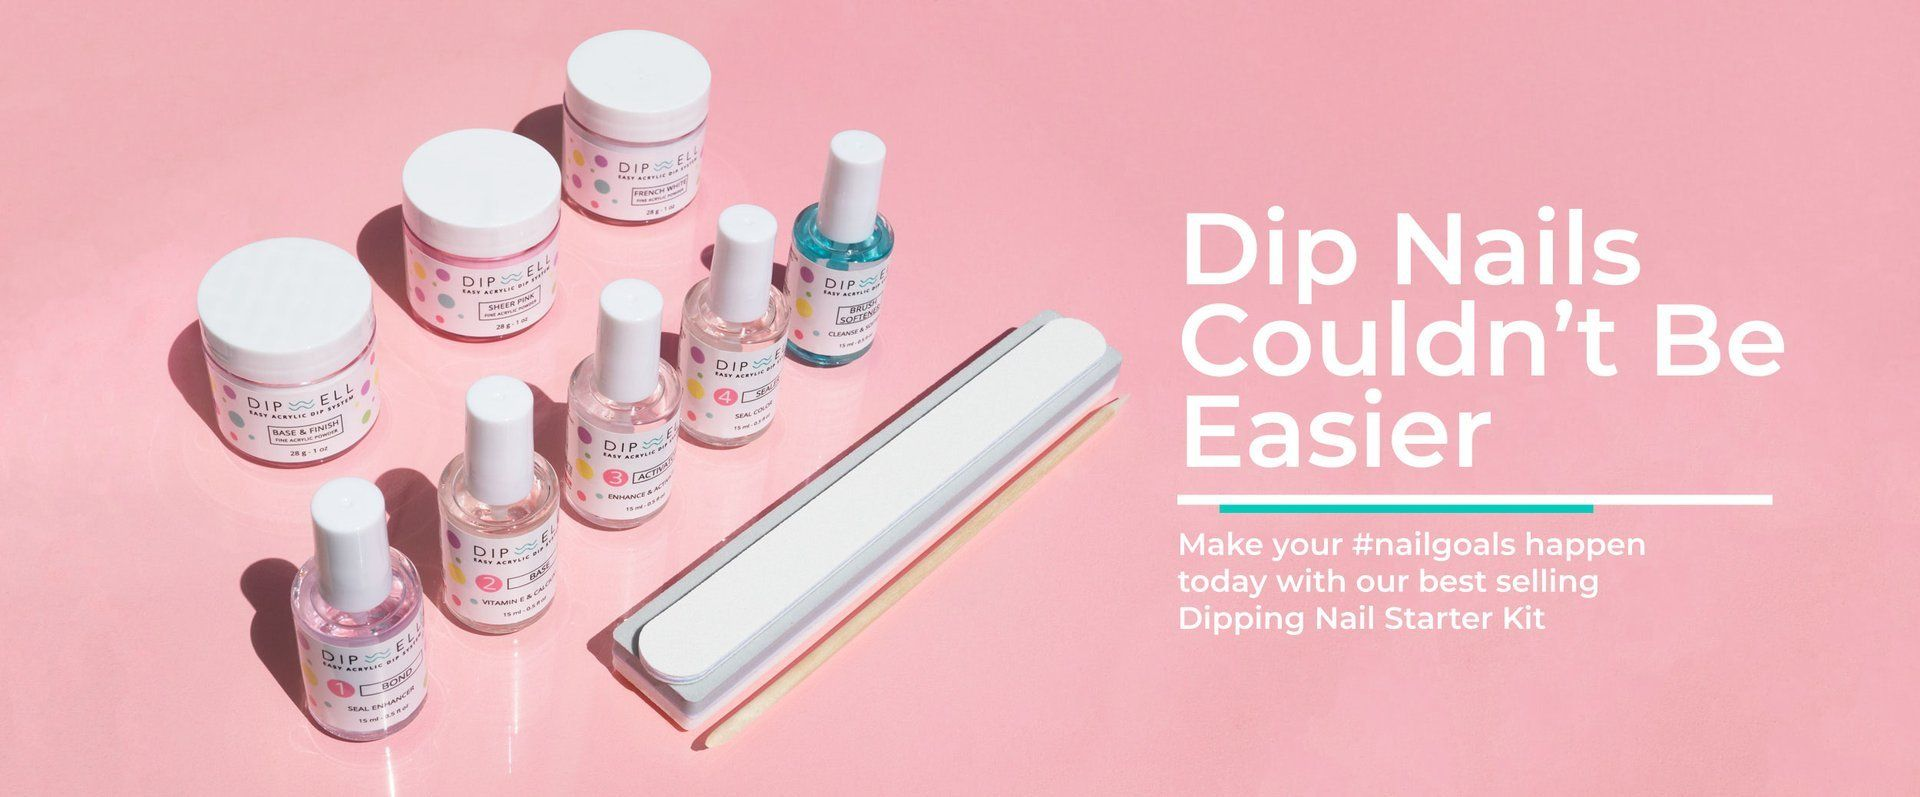 Dip nails starter kit